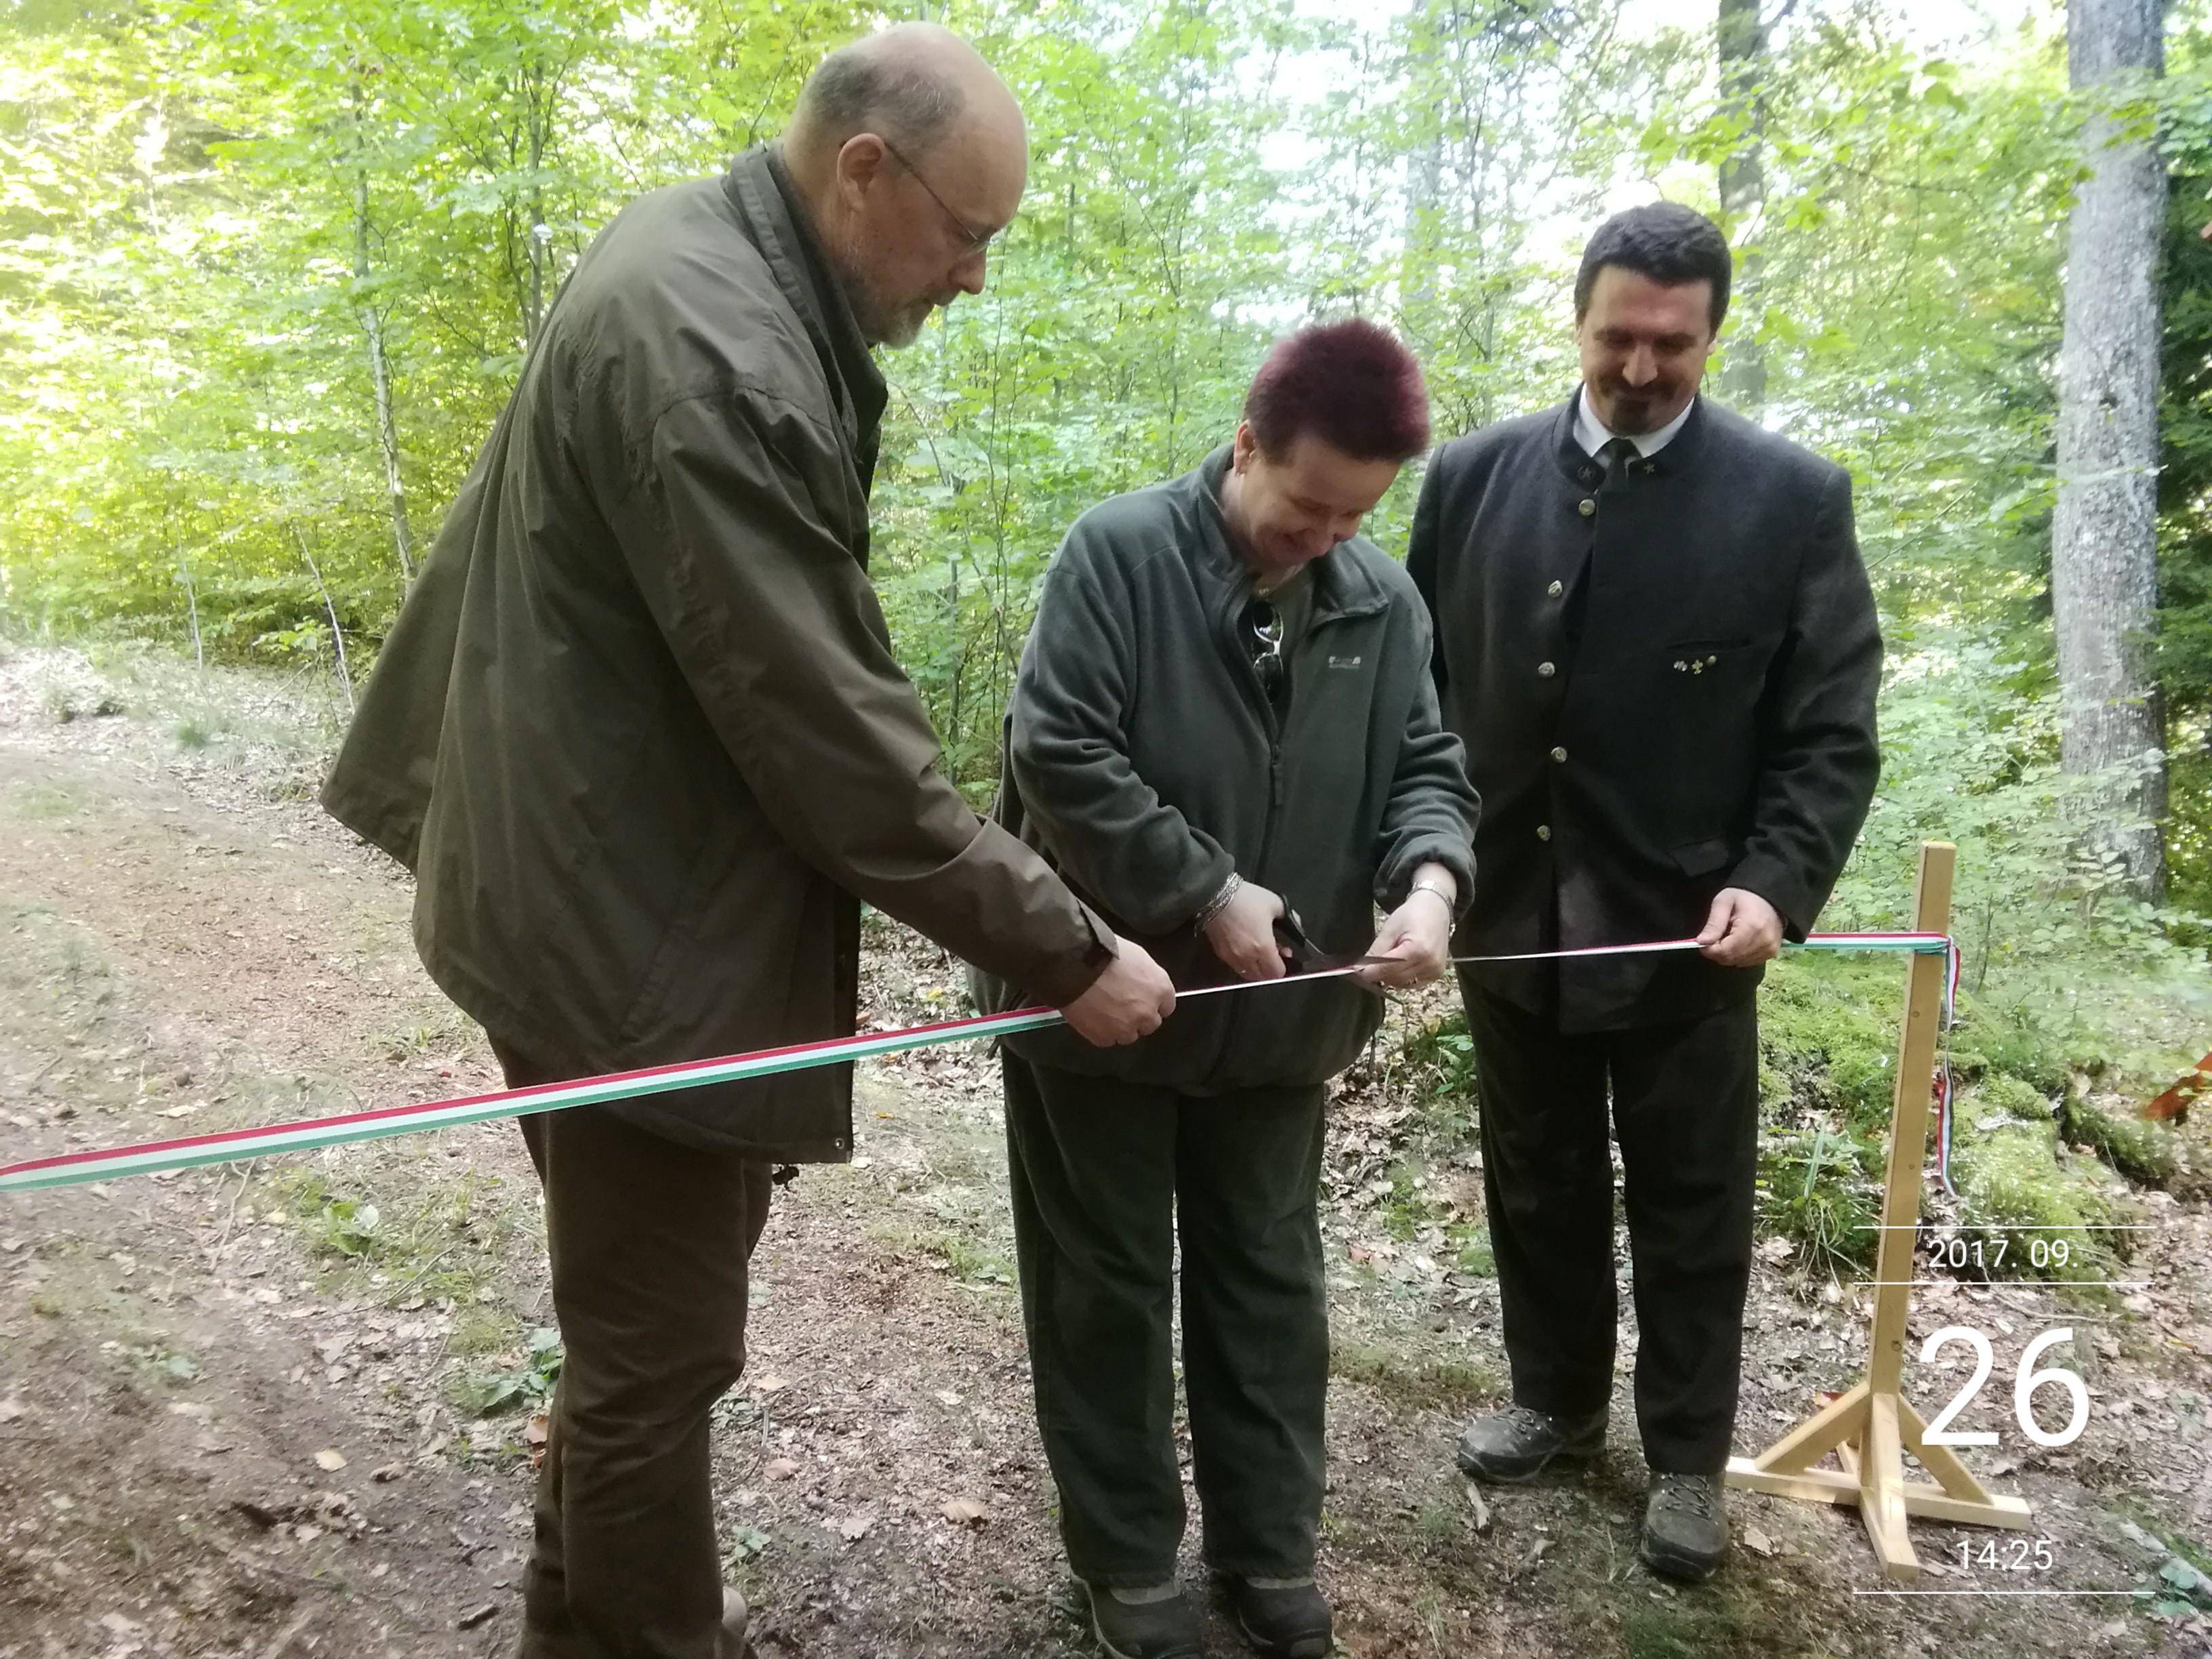 Szakmai tanösvényt adtak át a Roth Gyula emlékerdőben